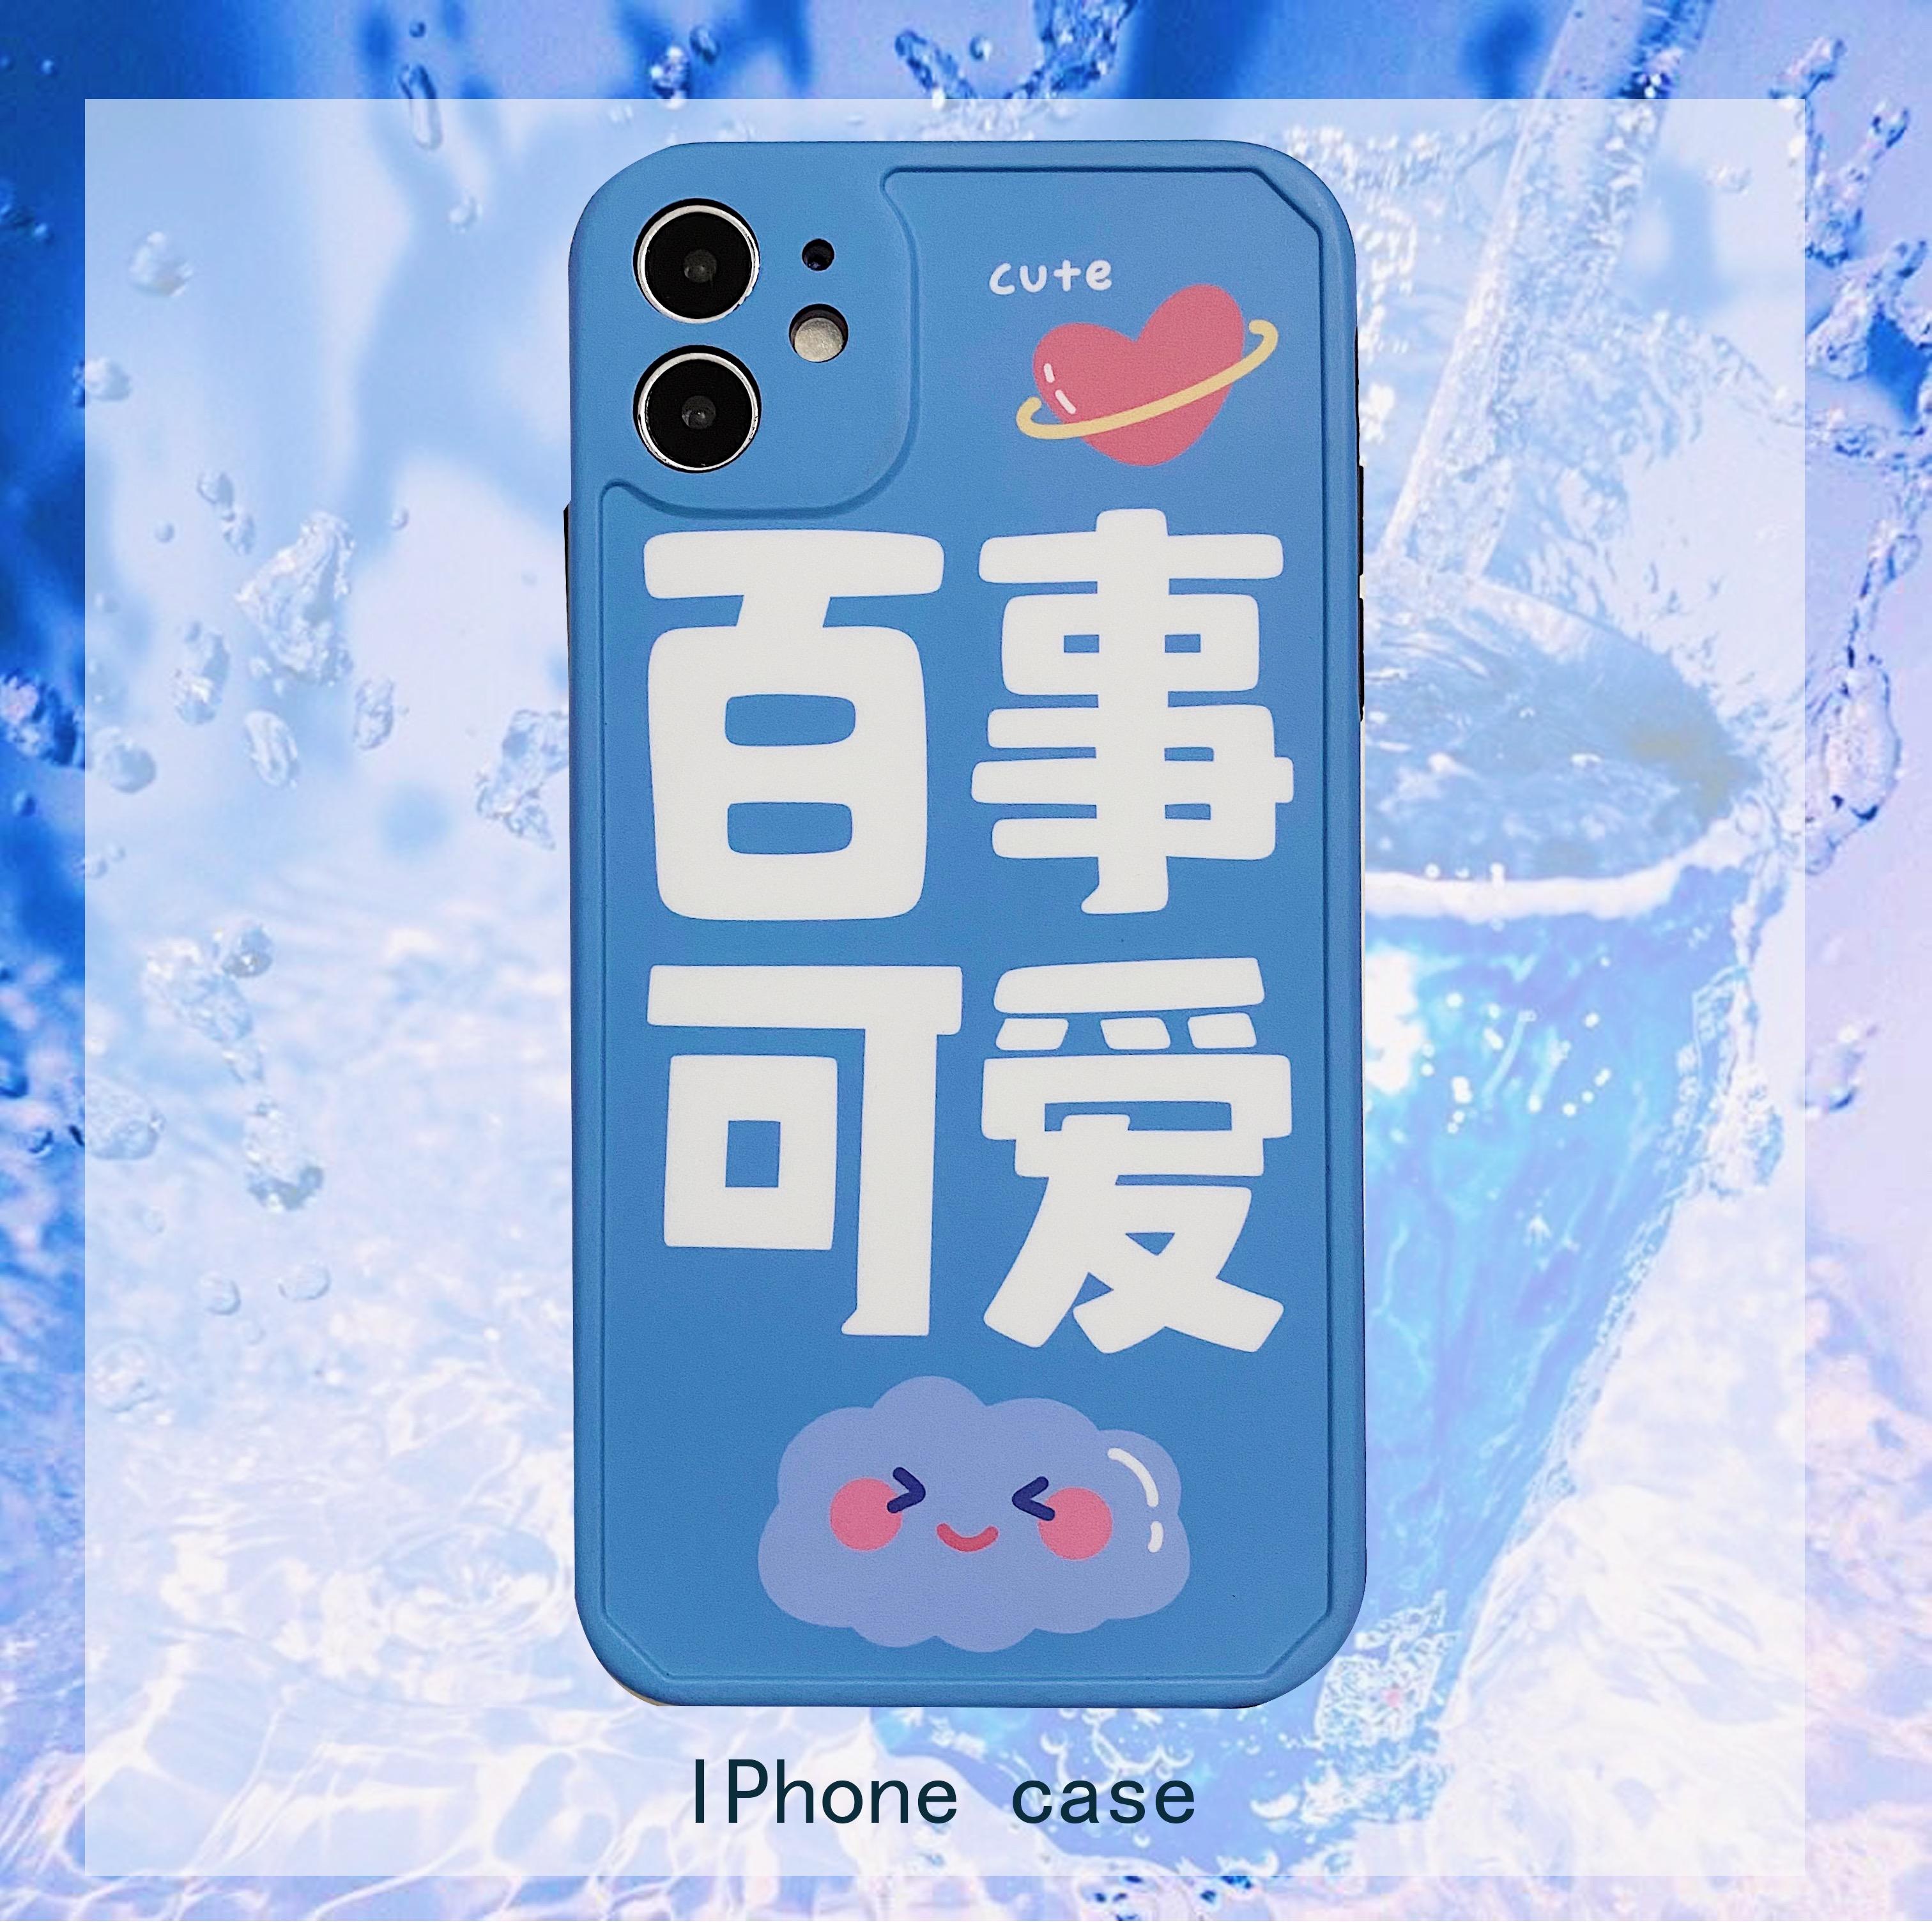 เคสโทรศัพท์มือถือลายการ์ตูน Pepsi สําหรับ Iphone 11 Pro Max Xr / X Apple Iphone 7 / 8 Plus Iphone Xsmax